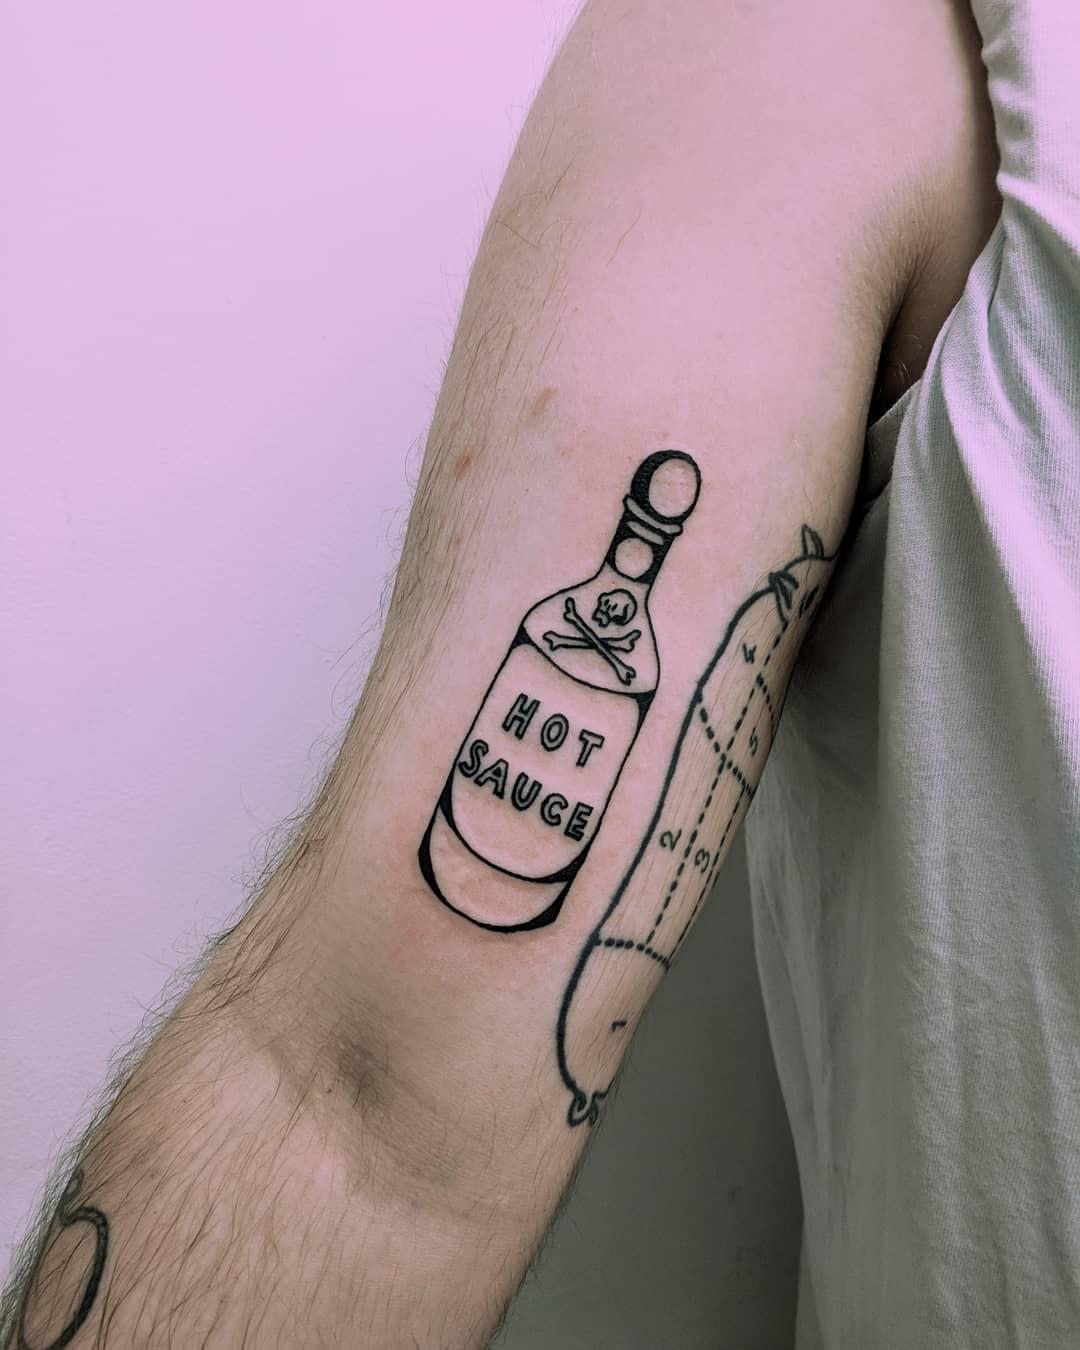 Hot sauce tattoo by Tristan Ritter